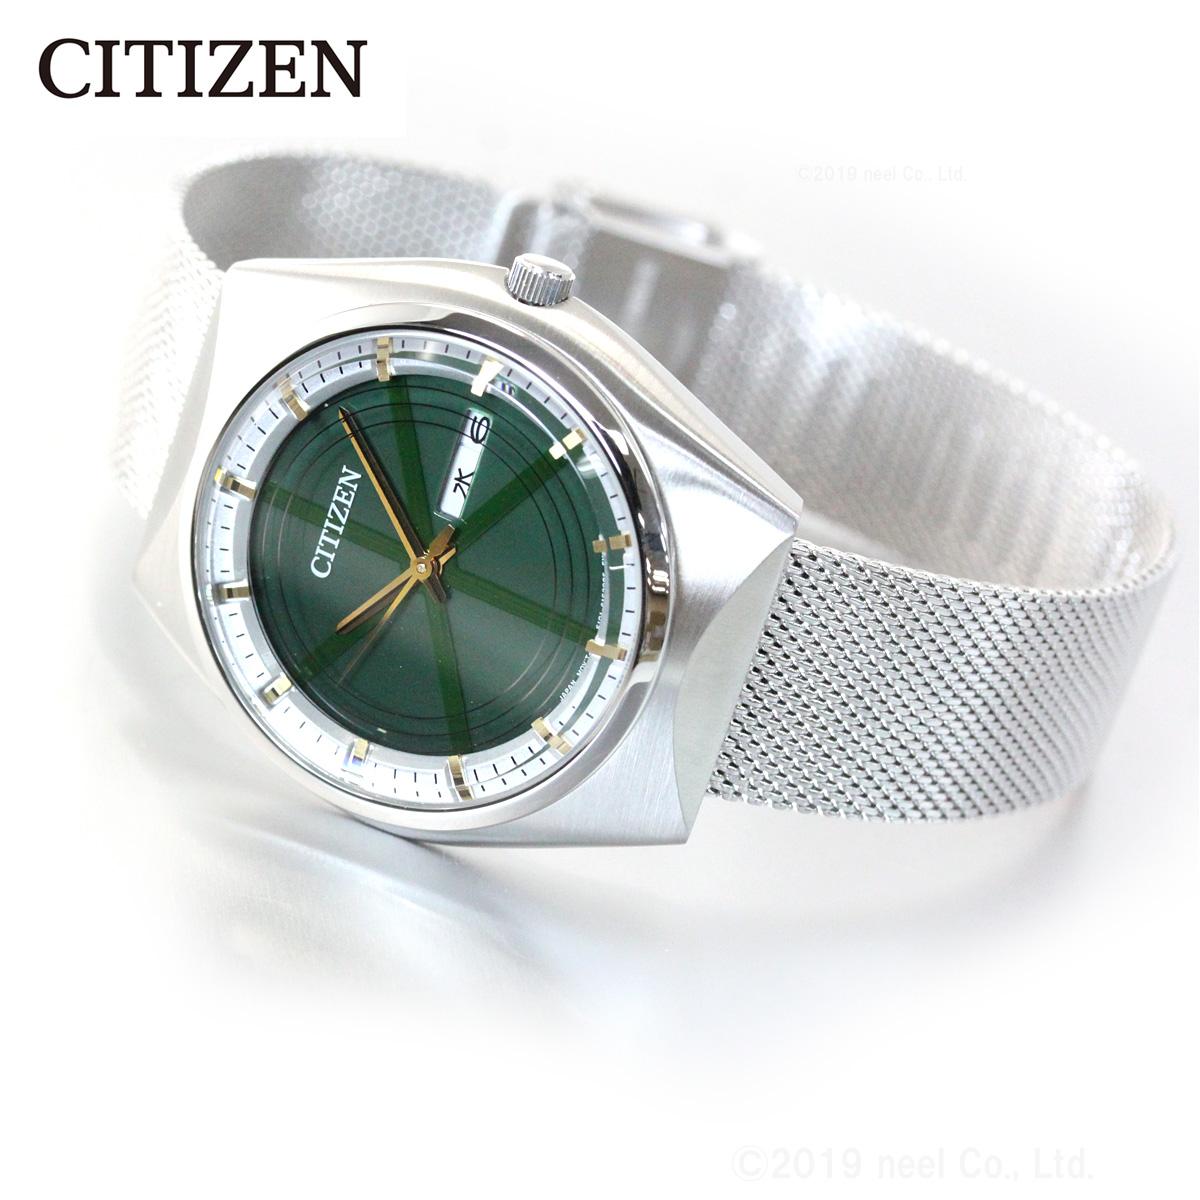 シチズン CITIZEN 太陽電池搭載 プロトタイプデザイン 継承モデル 特定店取扱いモデル エコドライブ ソーラー 腕時計 メンズ BM8541-74W